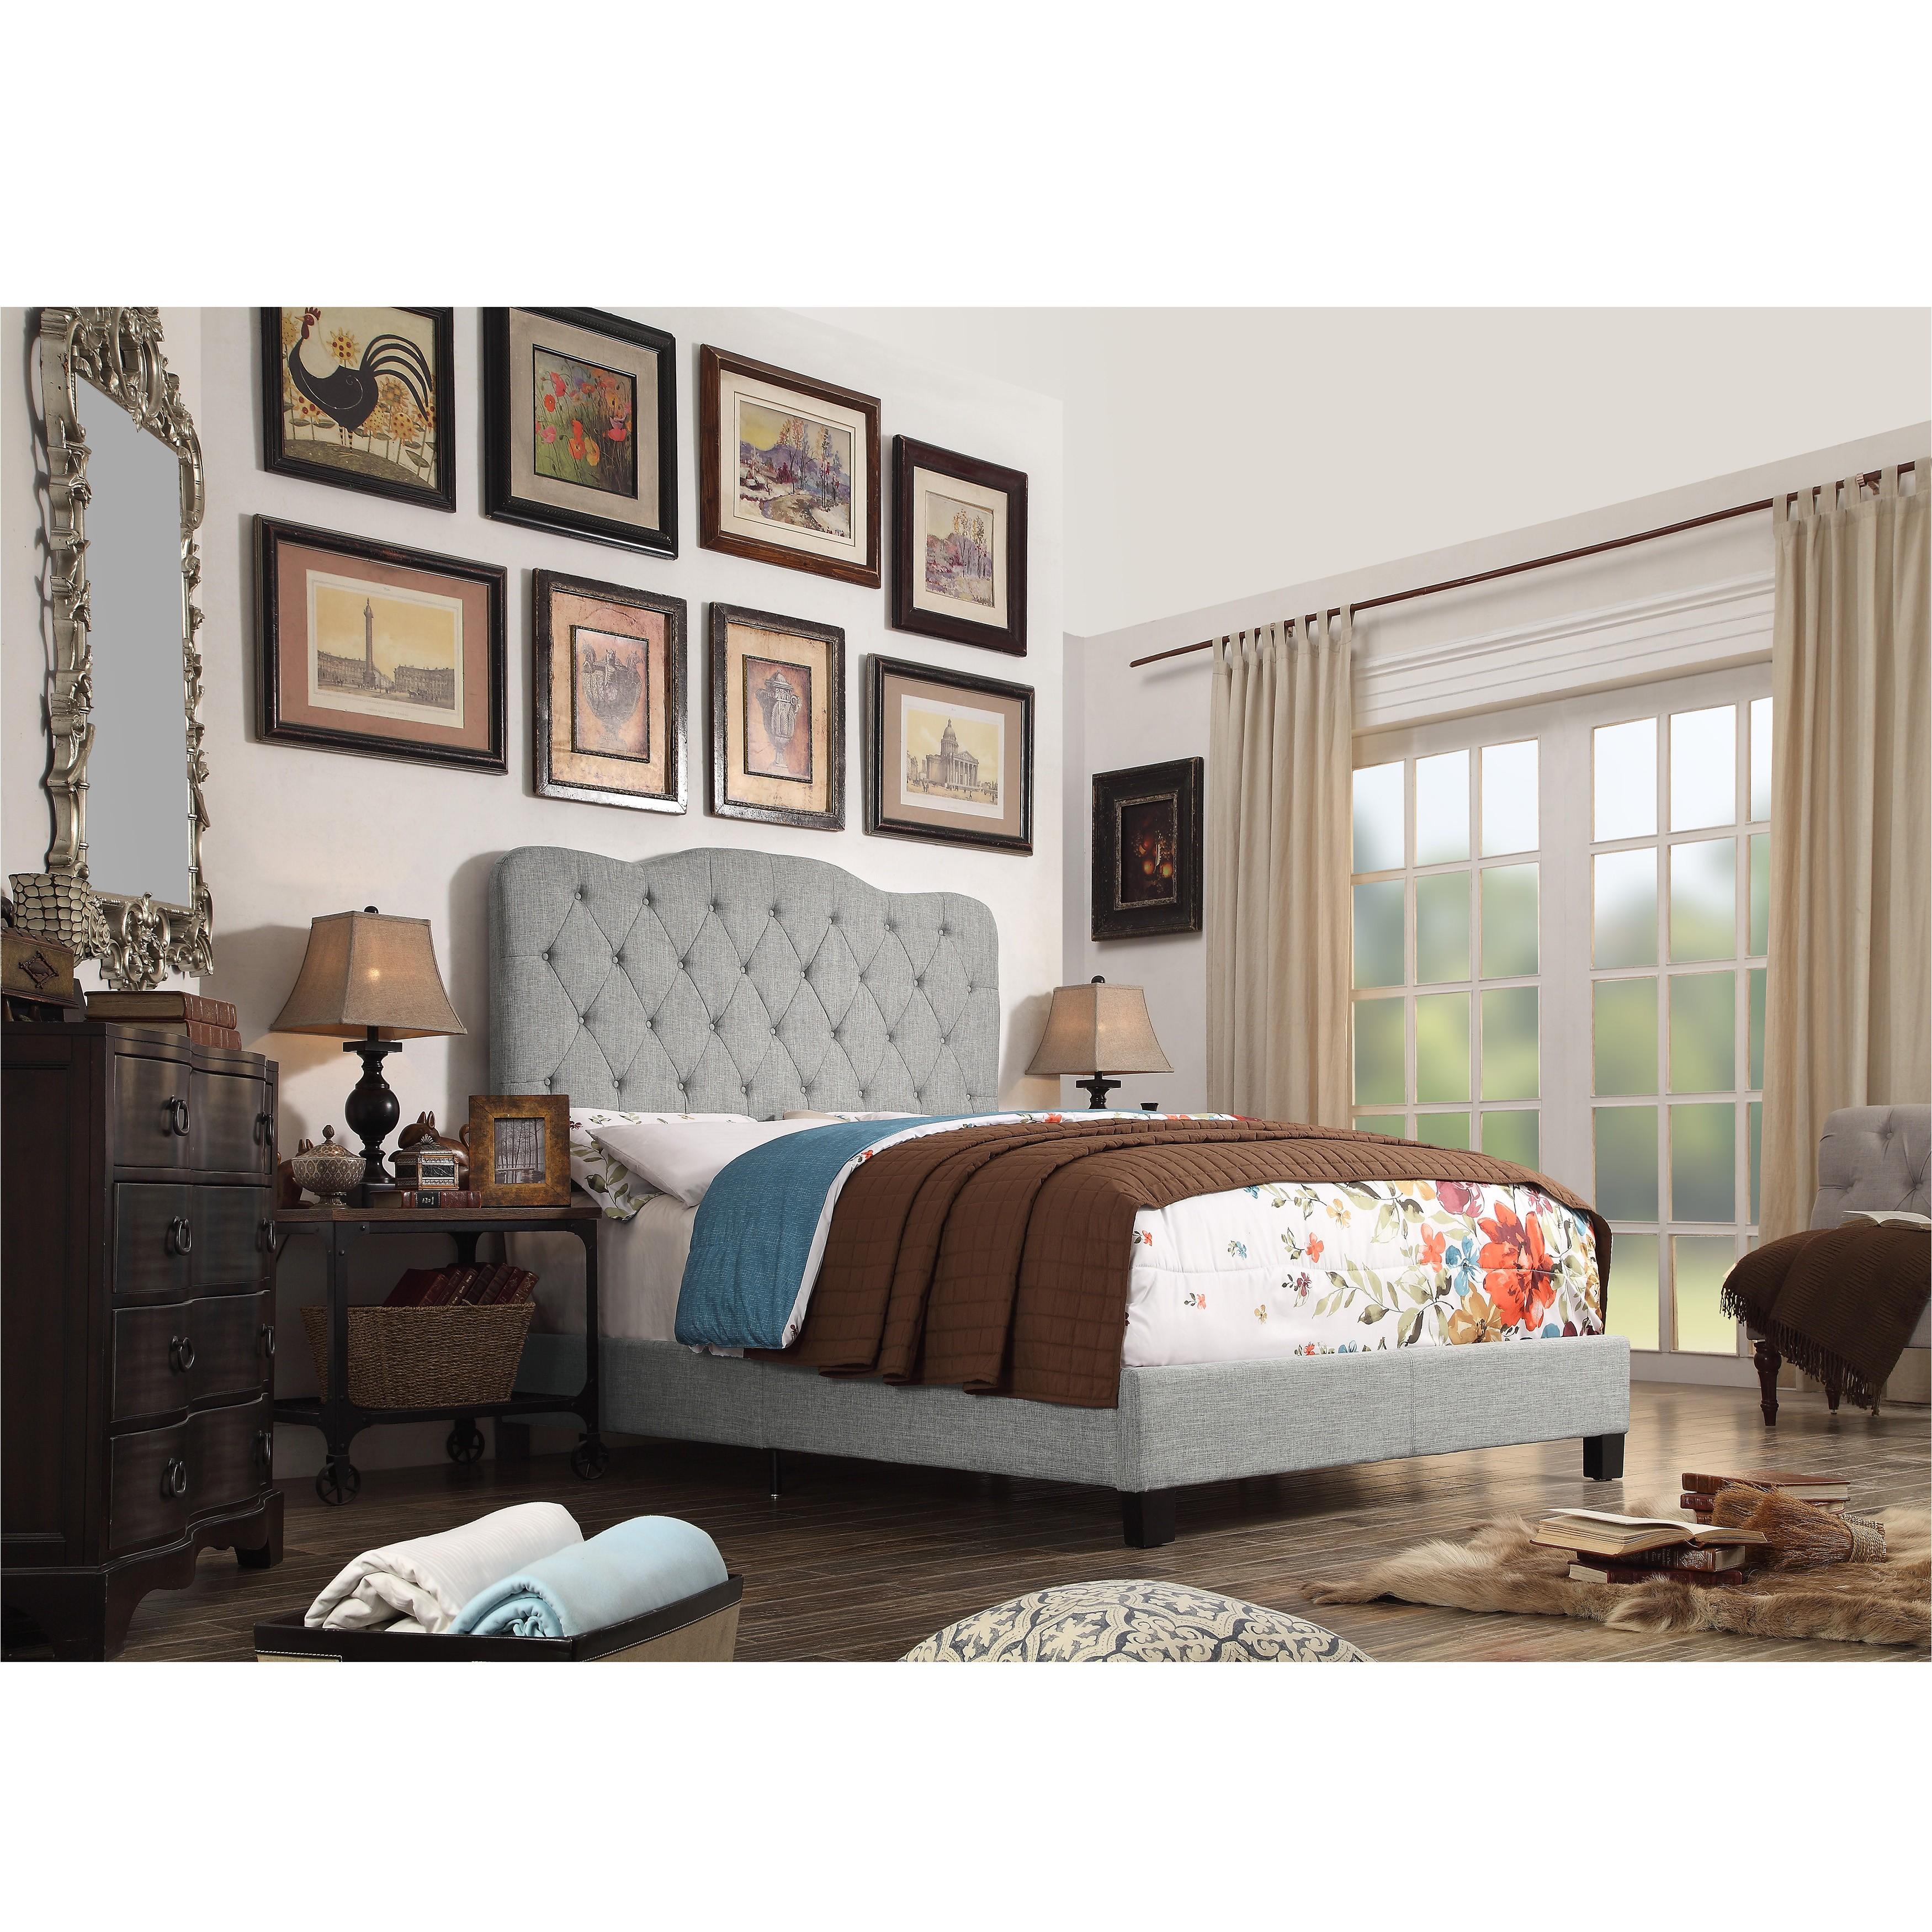 alton furniture andrea upholstered panel bed platform bed multiple colors multiple sizes walmart com